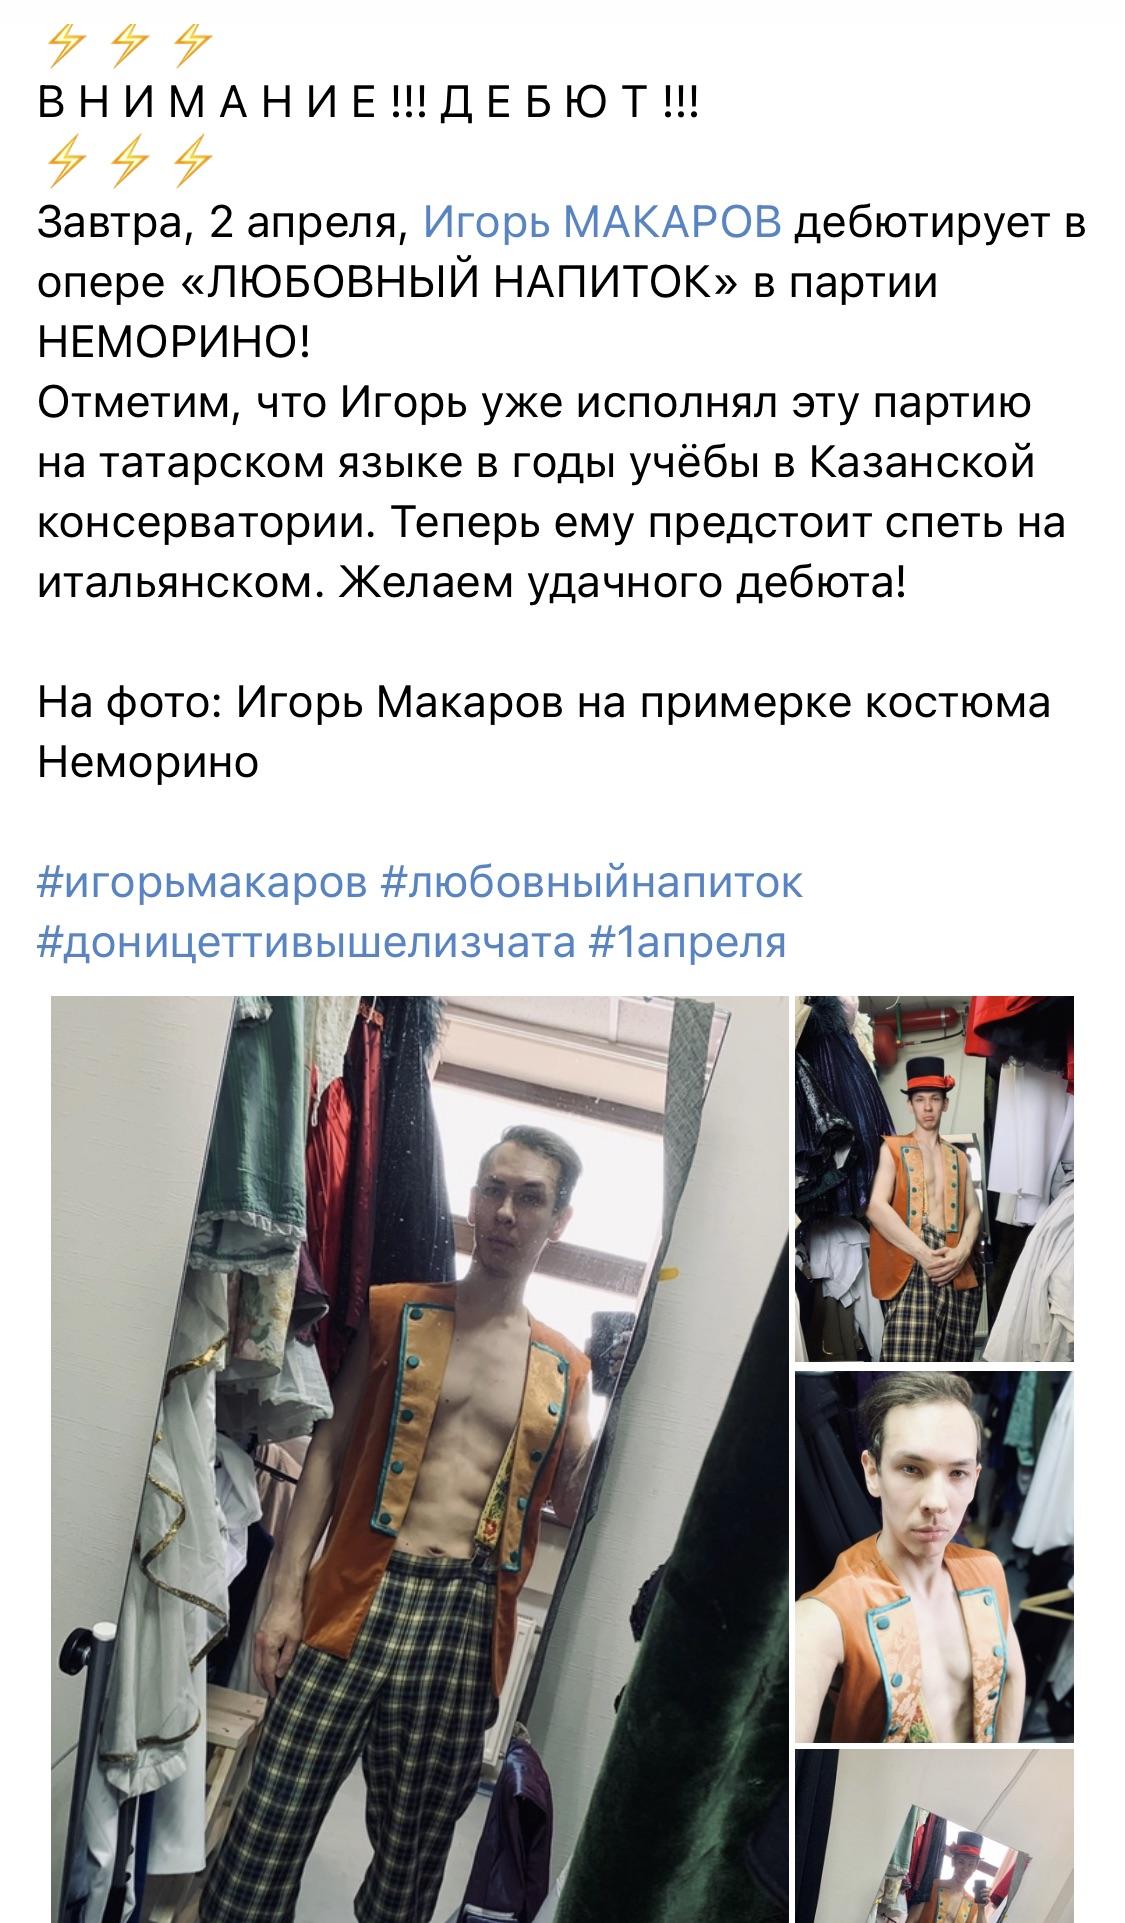 Скриншот из группы vk.com/io_makarov